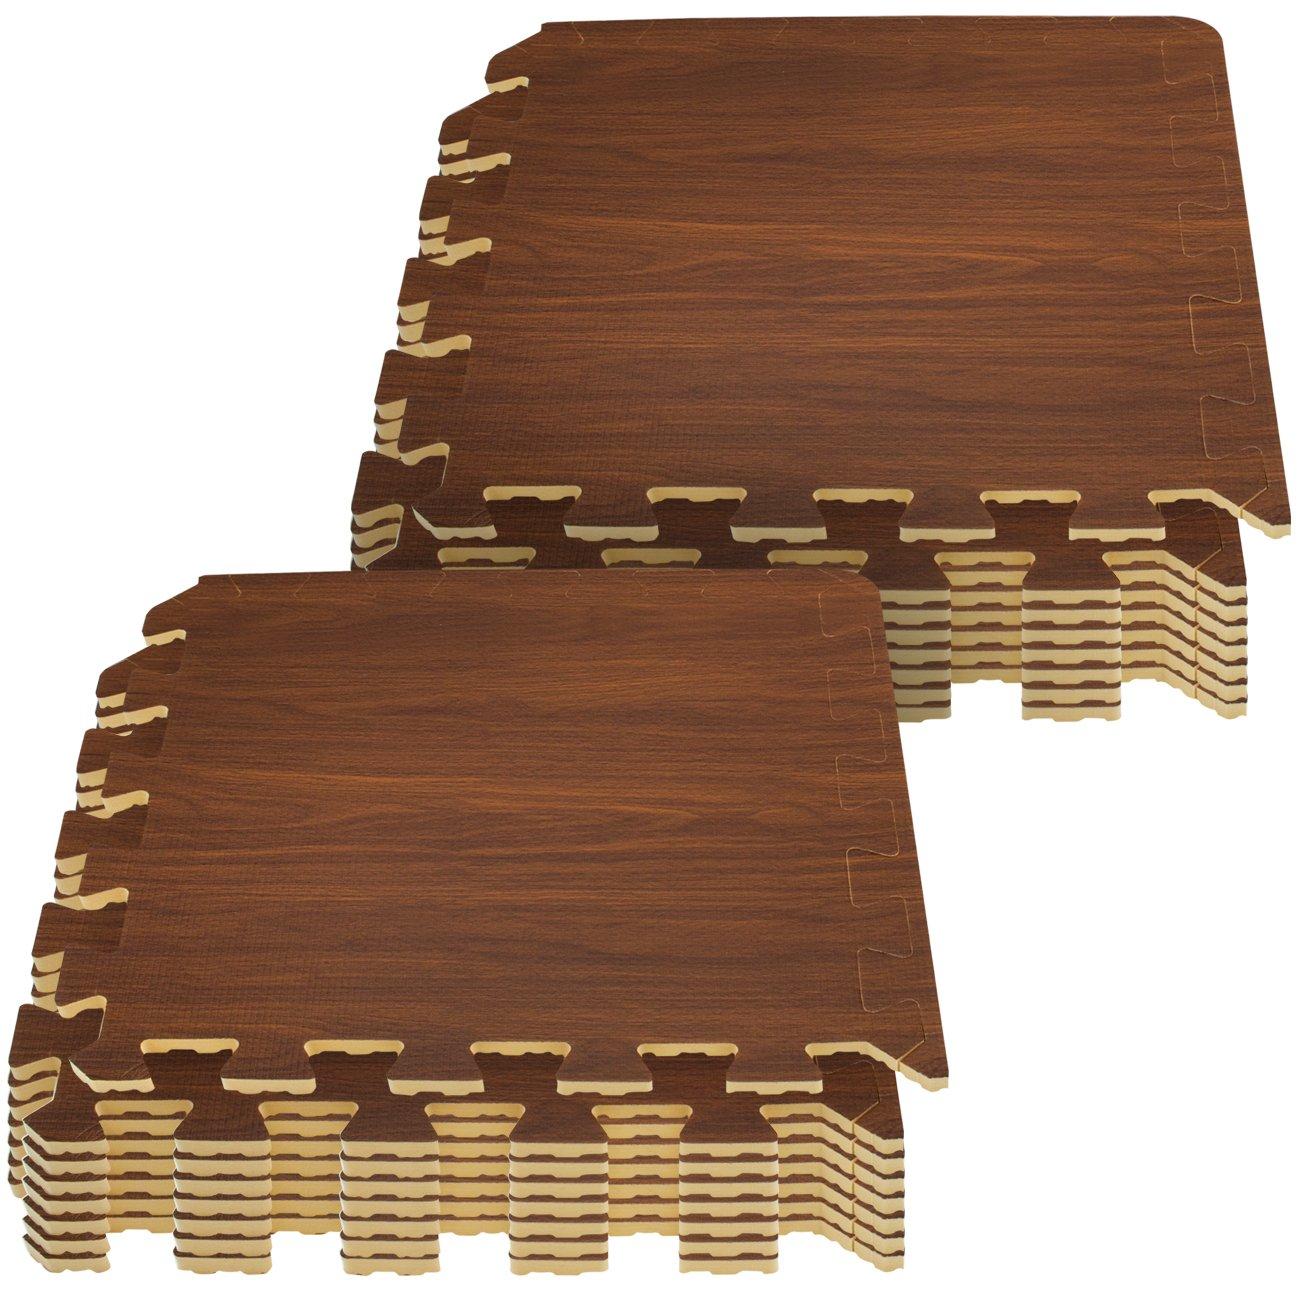 Amazon foam interlocking floor mats case of 48 black sorbus wood grain floor mat 38 inch thick foam interlocking flooring tiles with doublecrazyfo Image collections